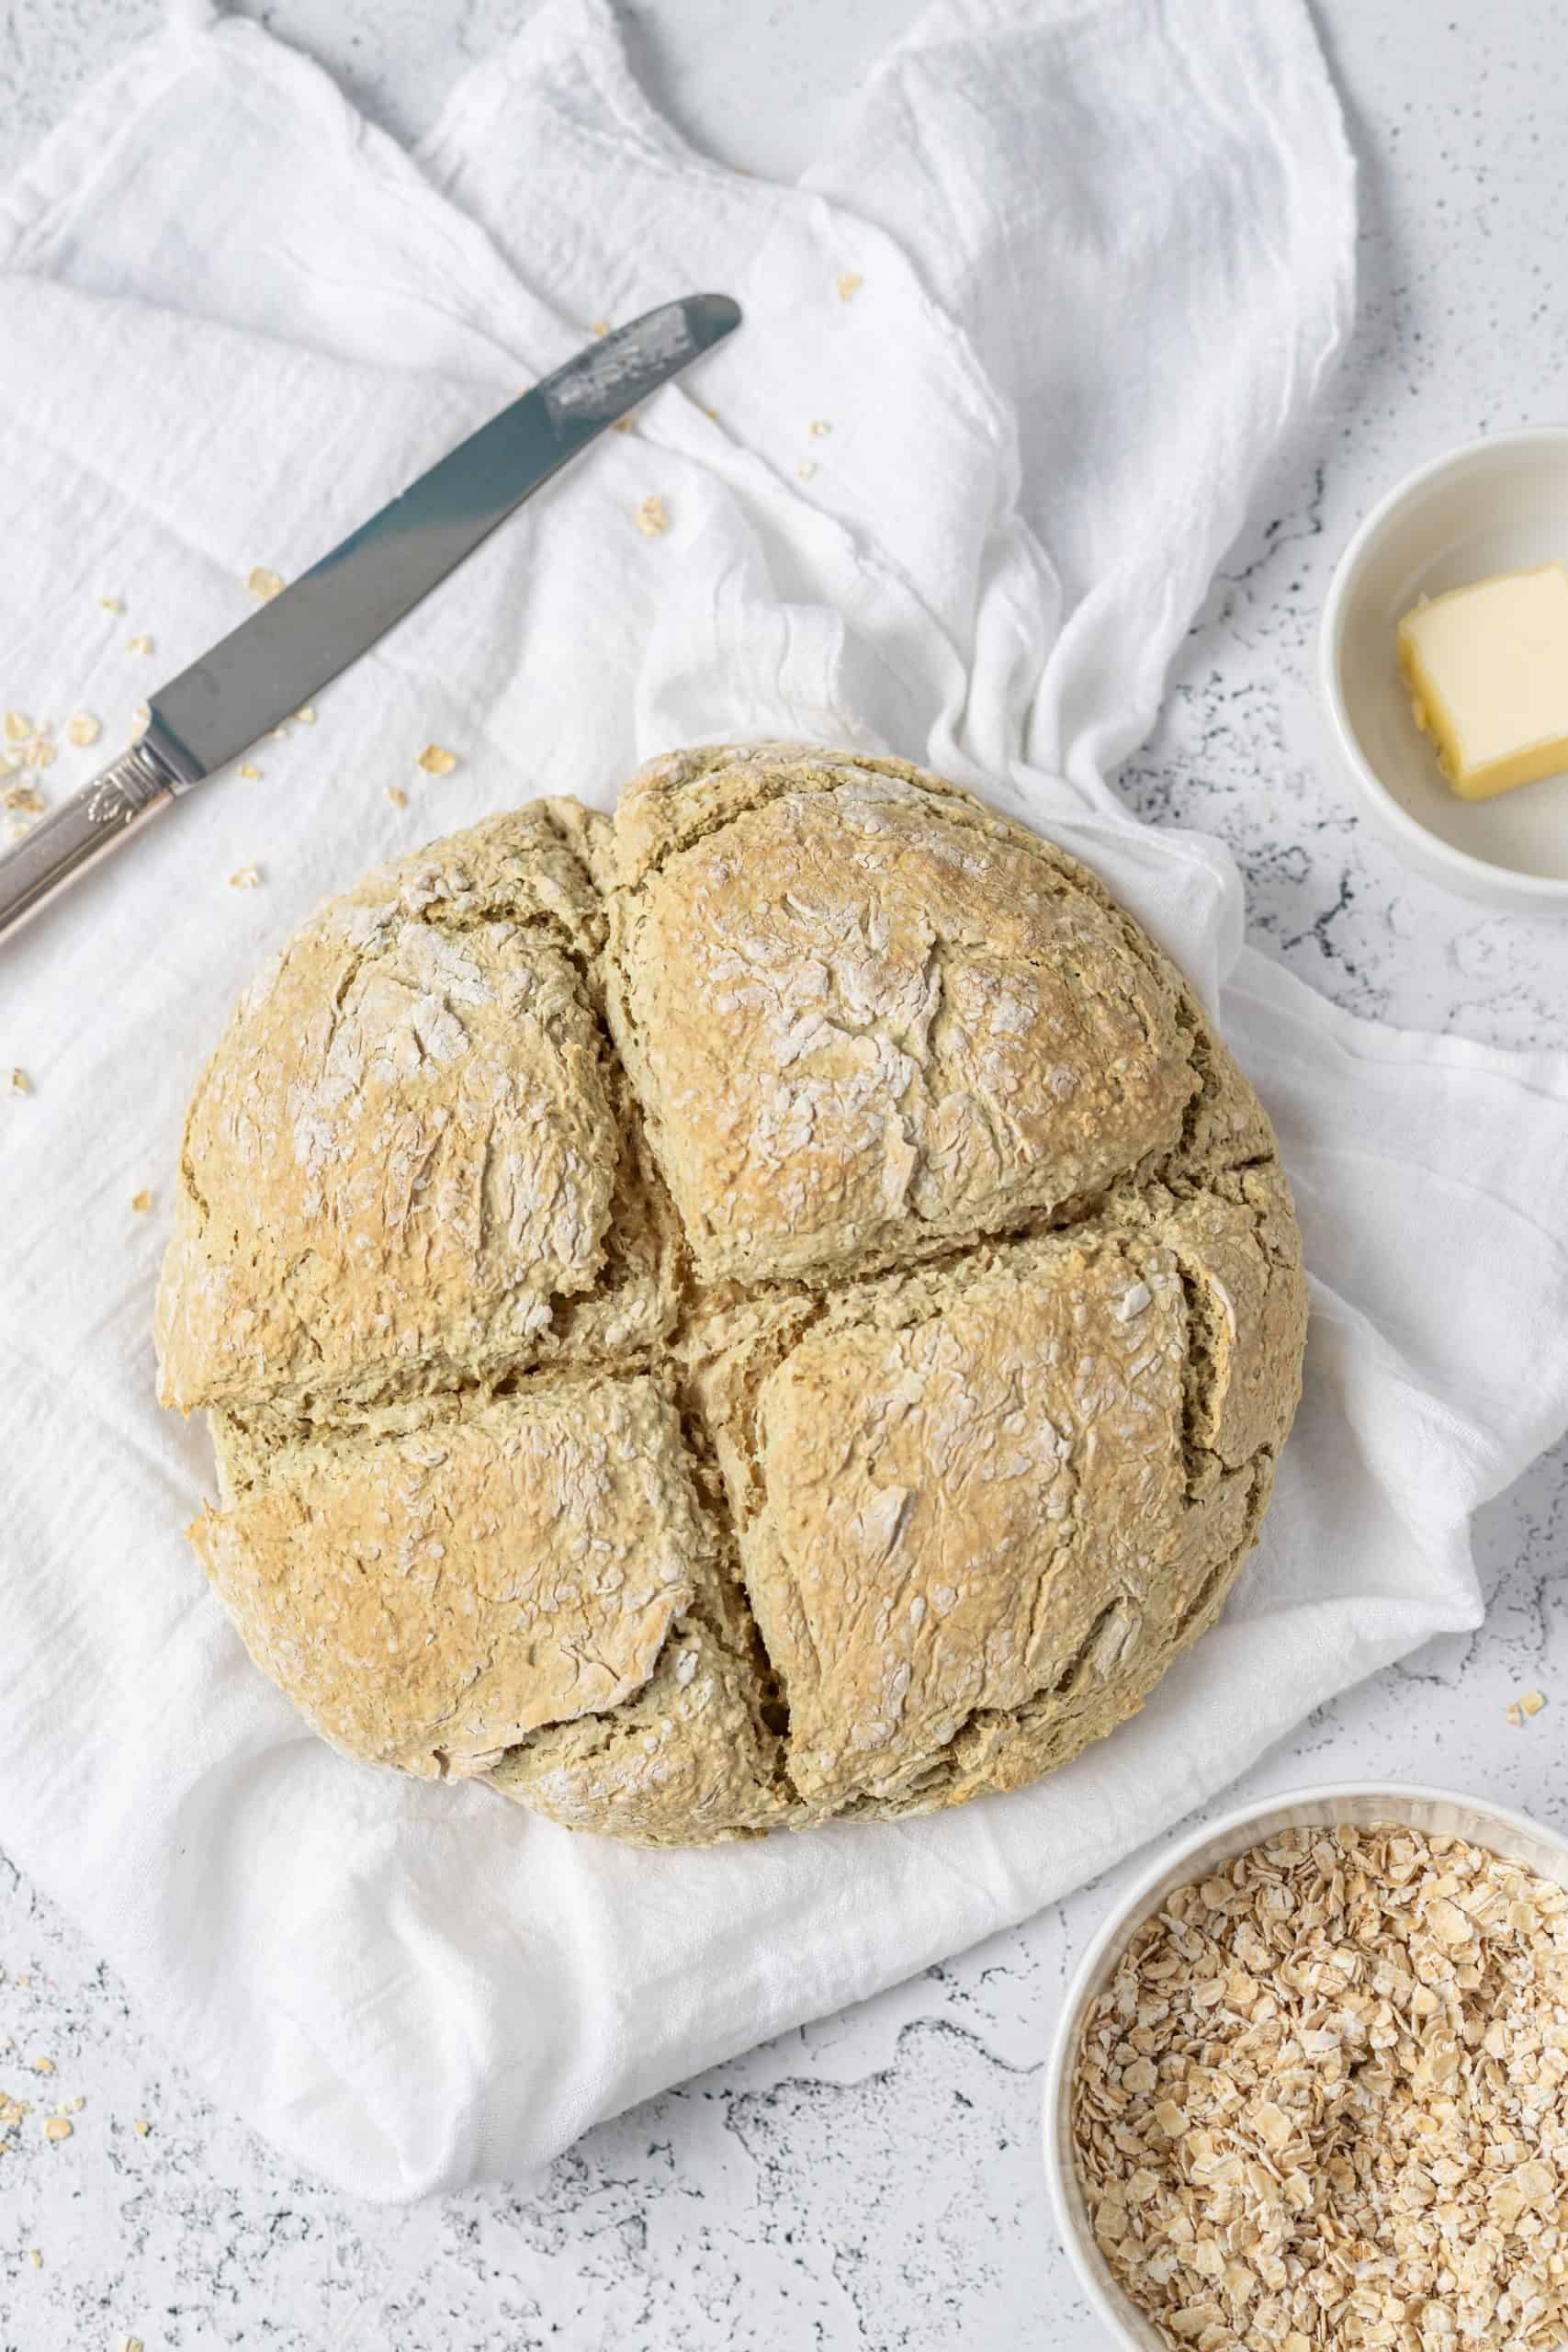 לחם שיבולת שועל קלוריות וערכים תזונתיים